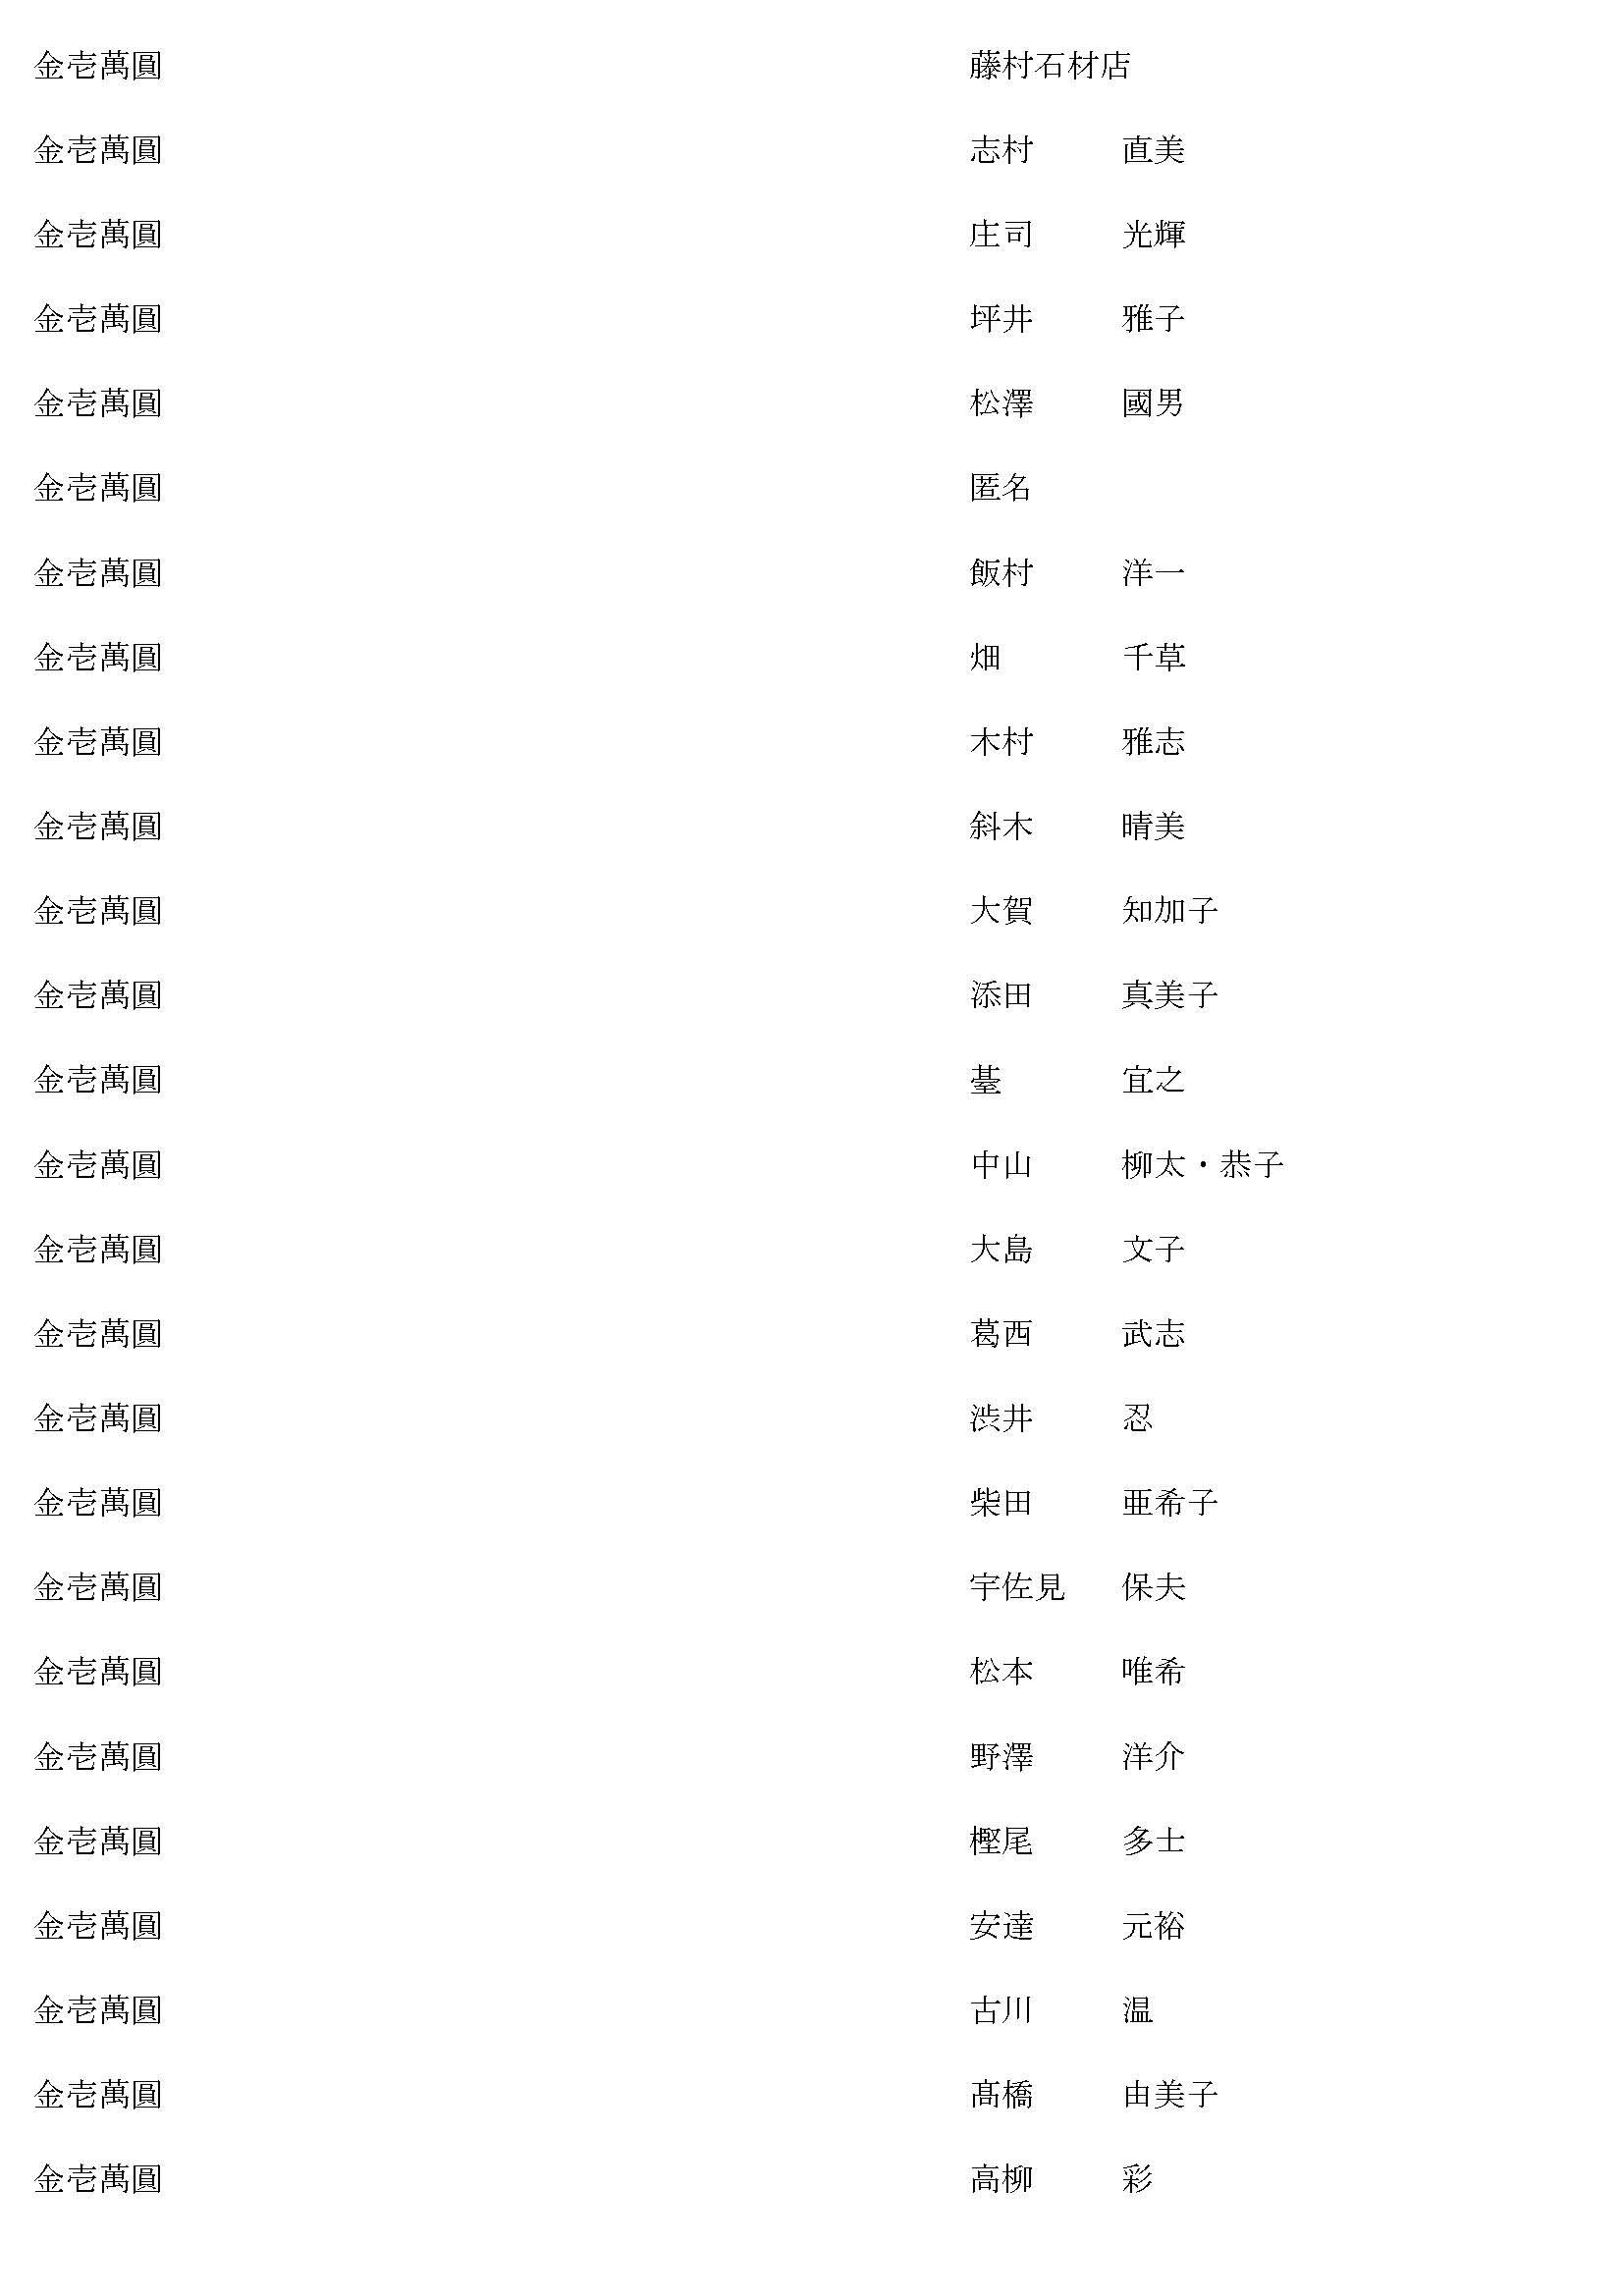 御鎮座七百年記念事業奉賛者御芳名簿13